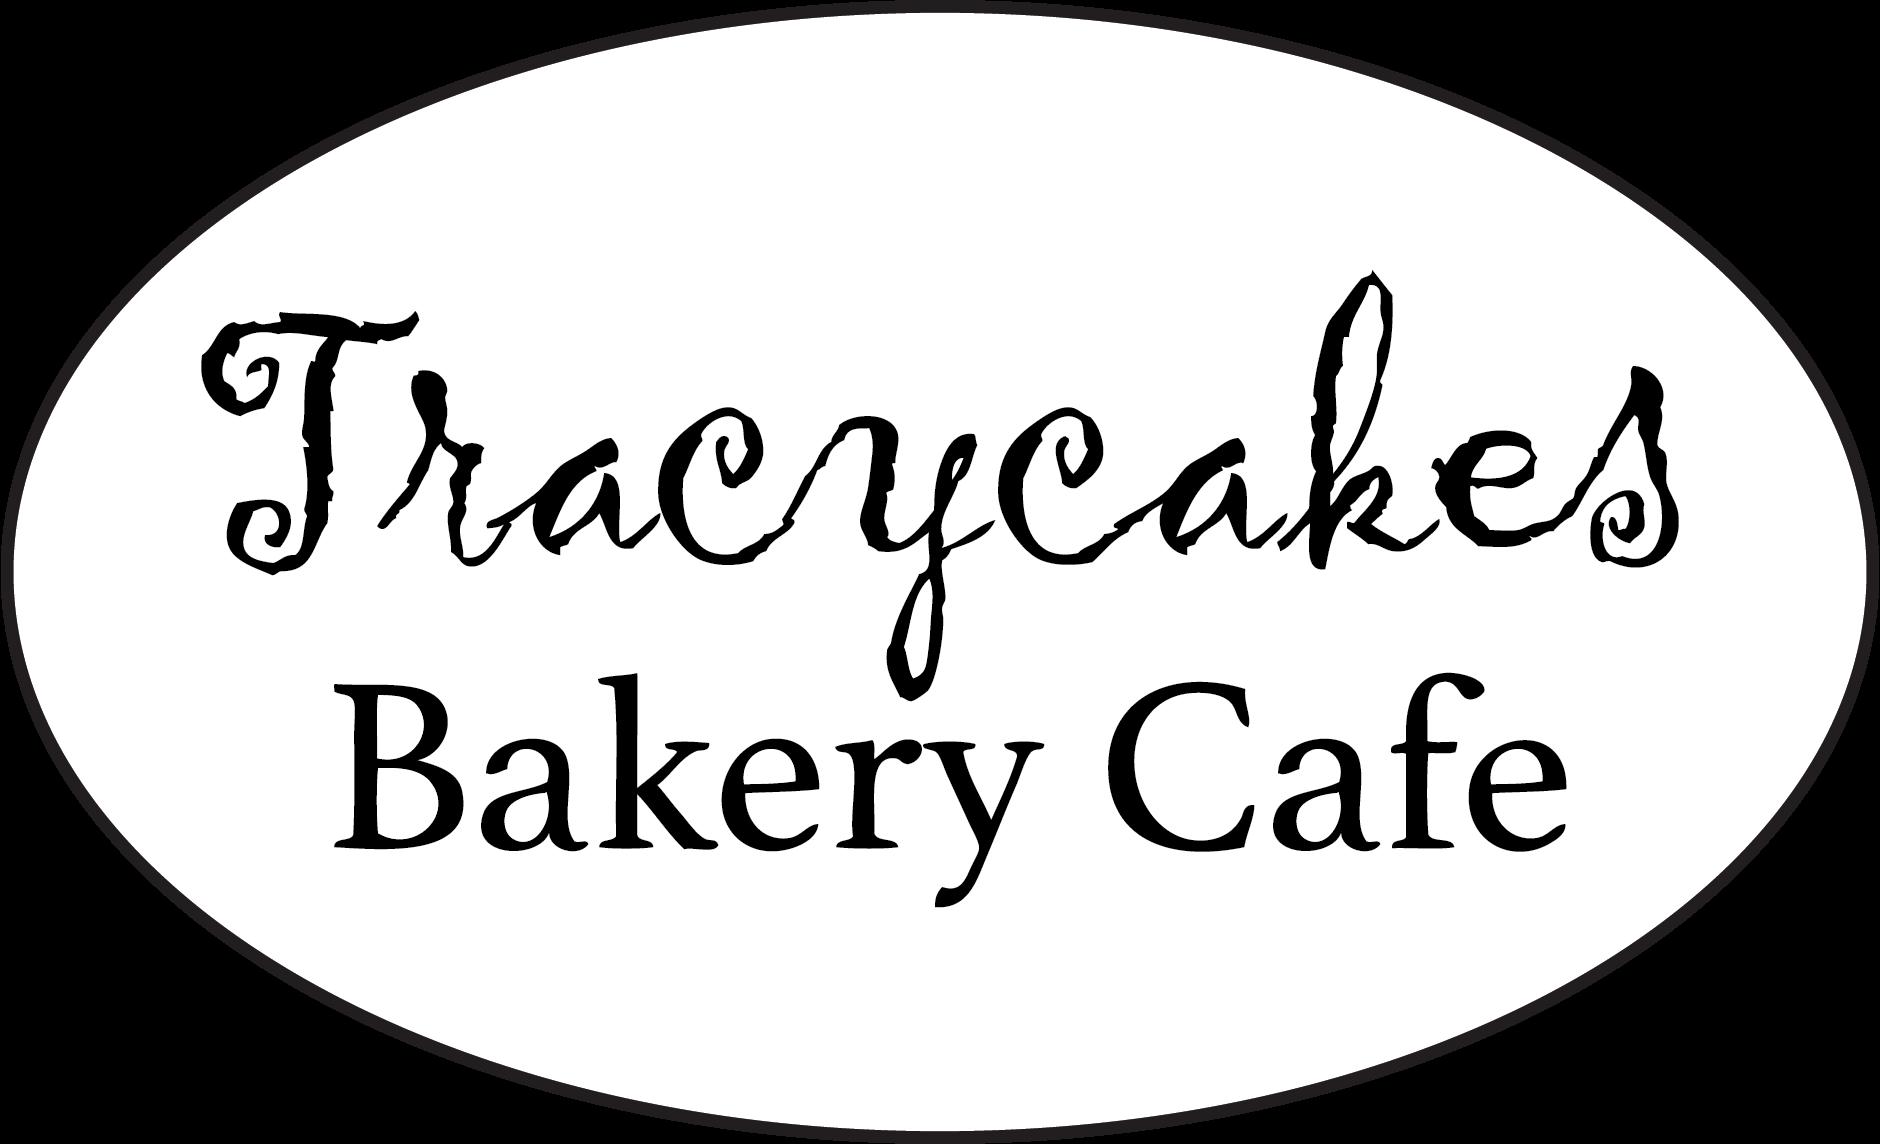 Tracycakes Bakery Cafe Logo